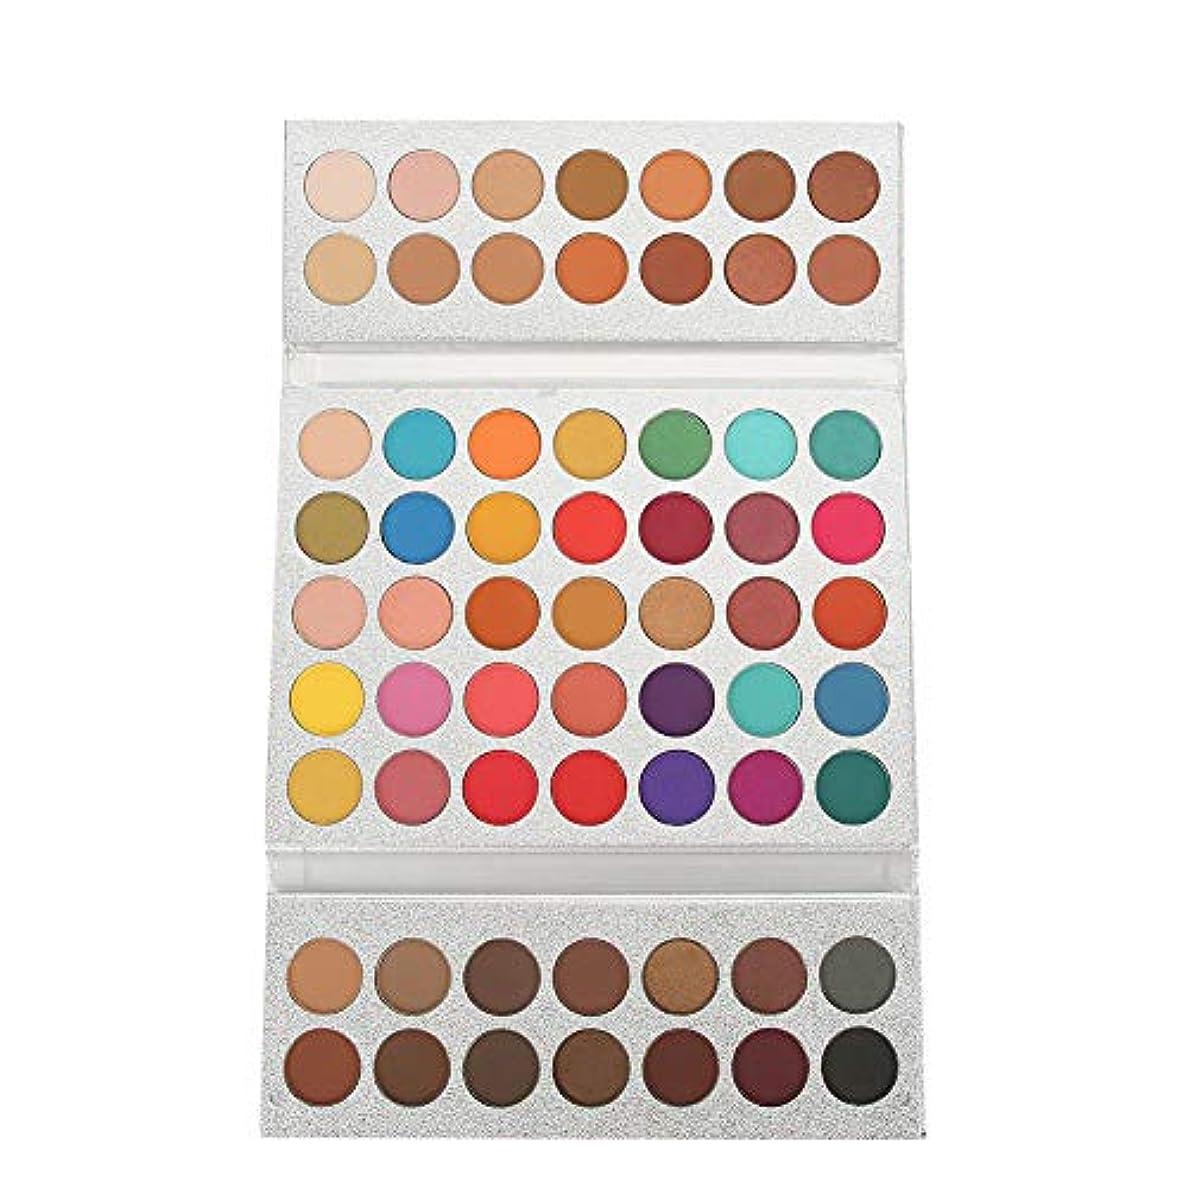 スラック絵深めるアイシャドウ パレット 63色 美容真珠光沢 マットアイ 化粧品 メイクアップパレット